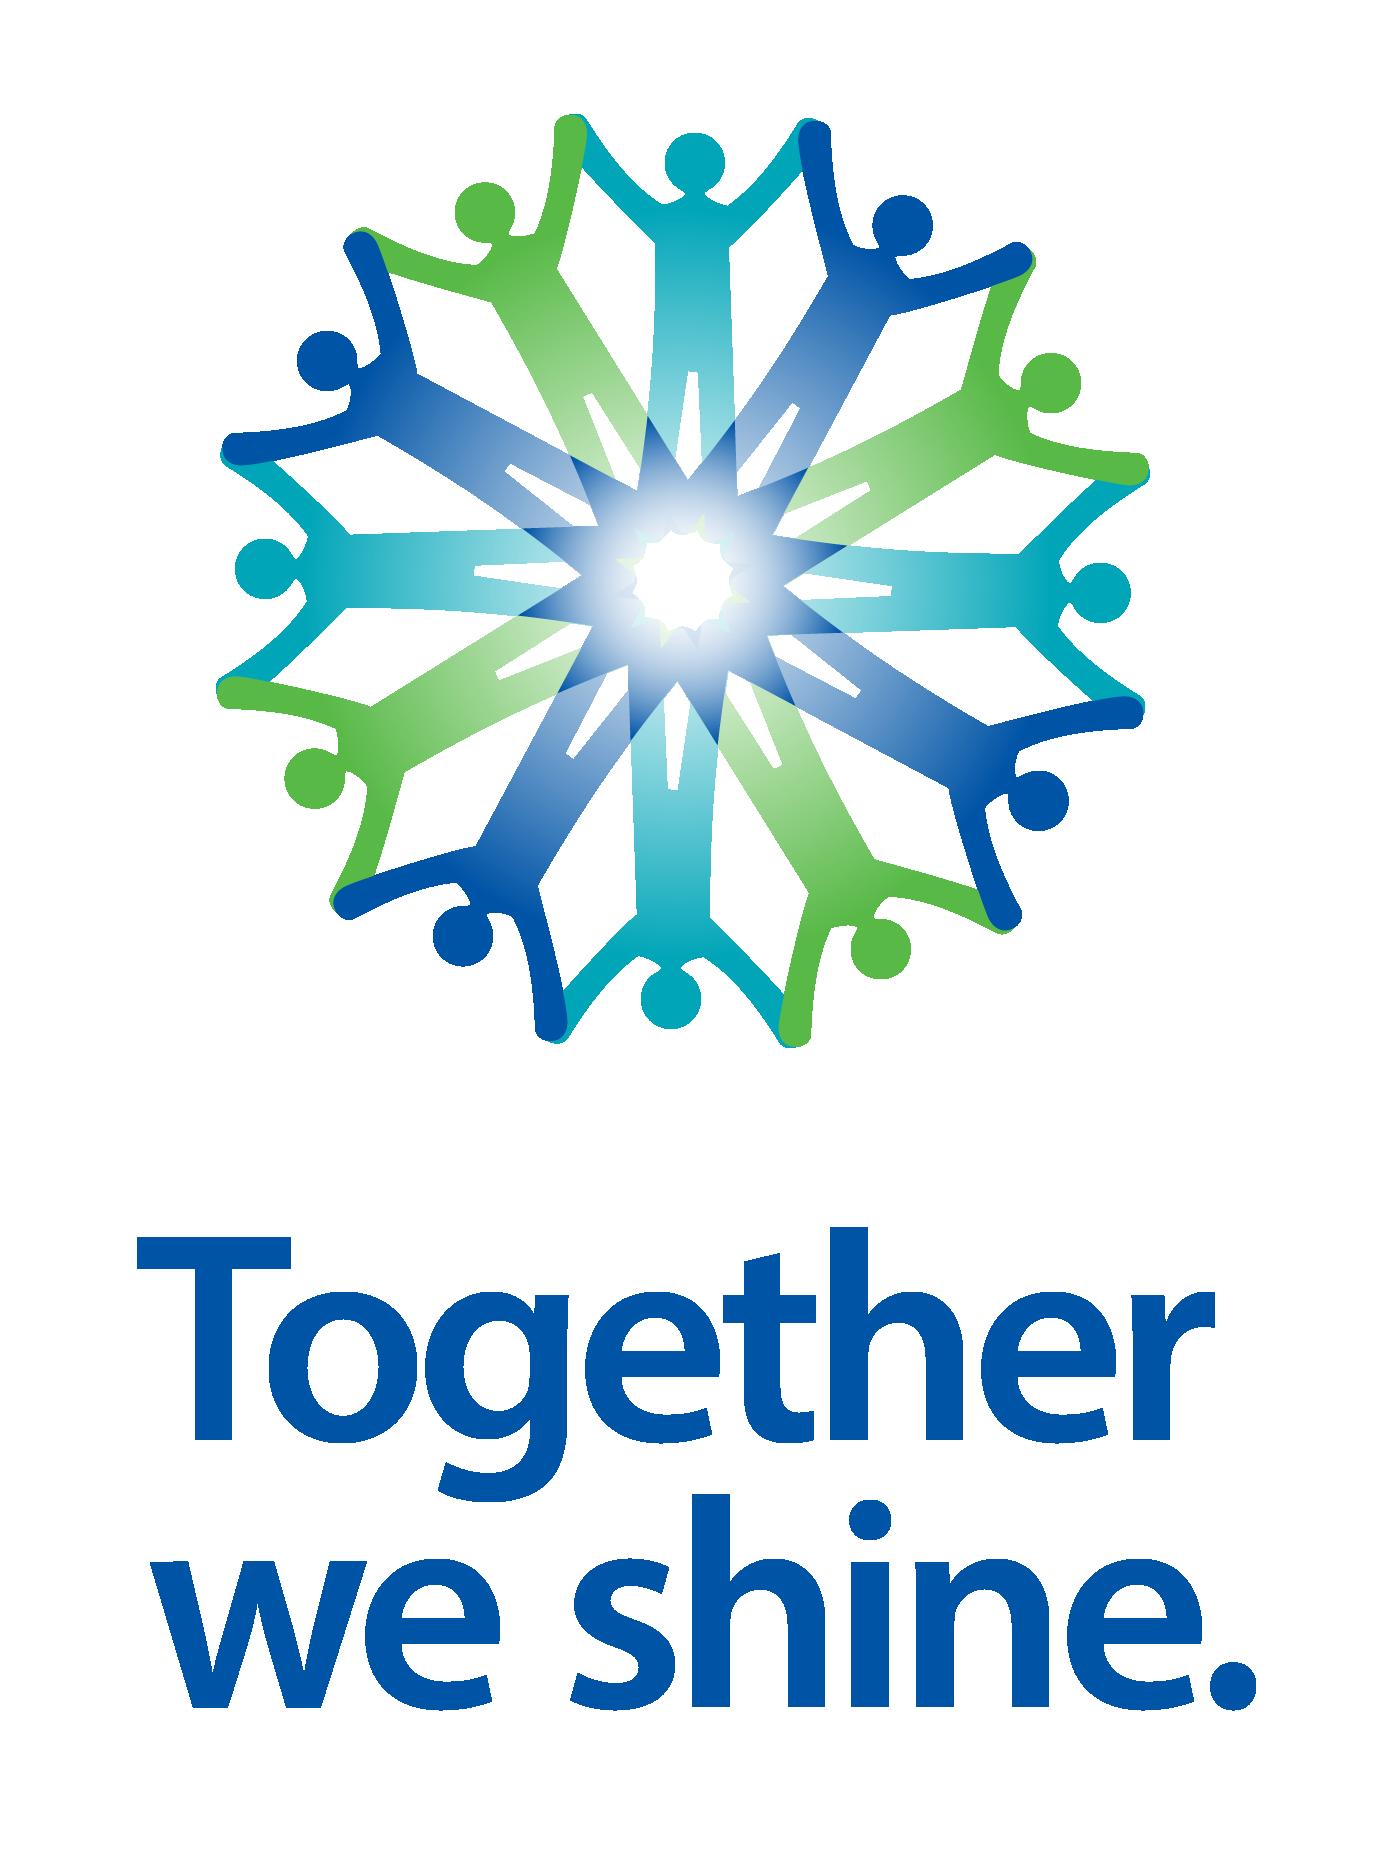 Together we shine vert header